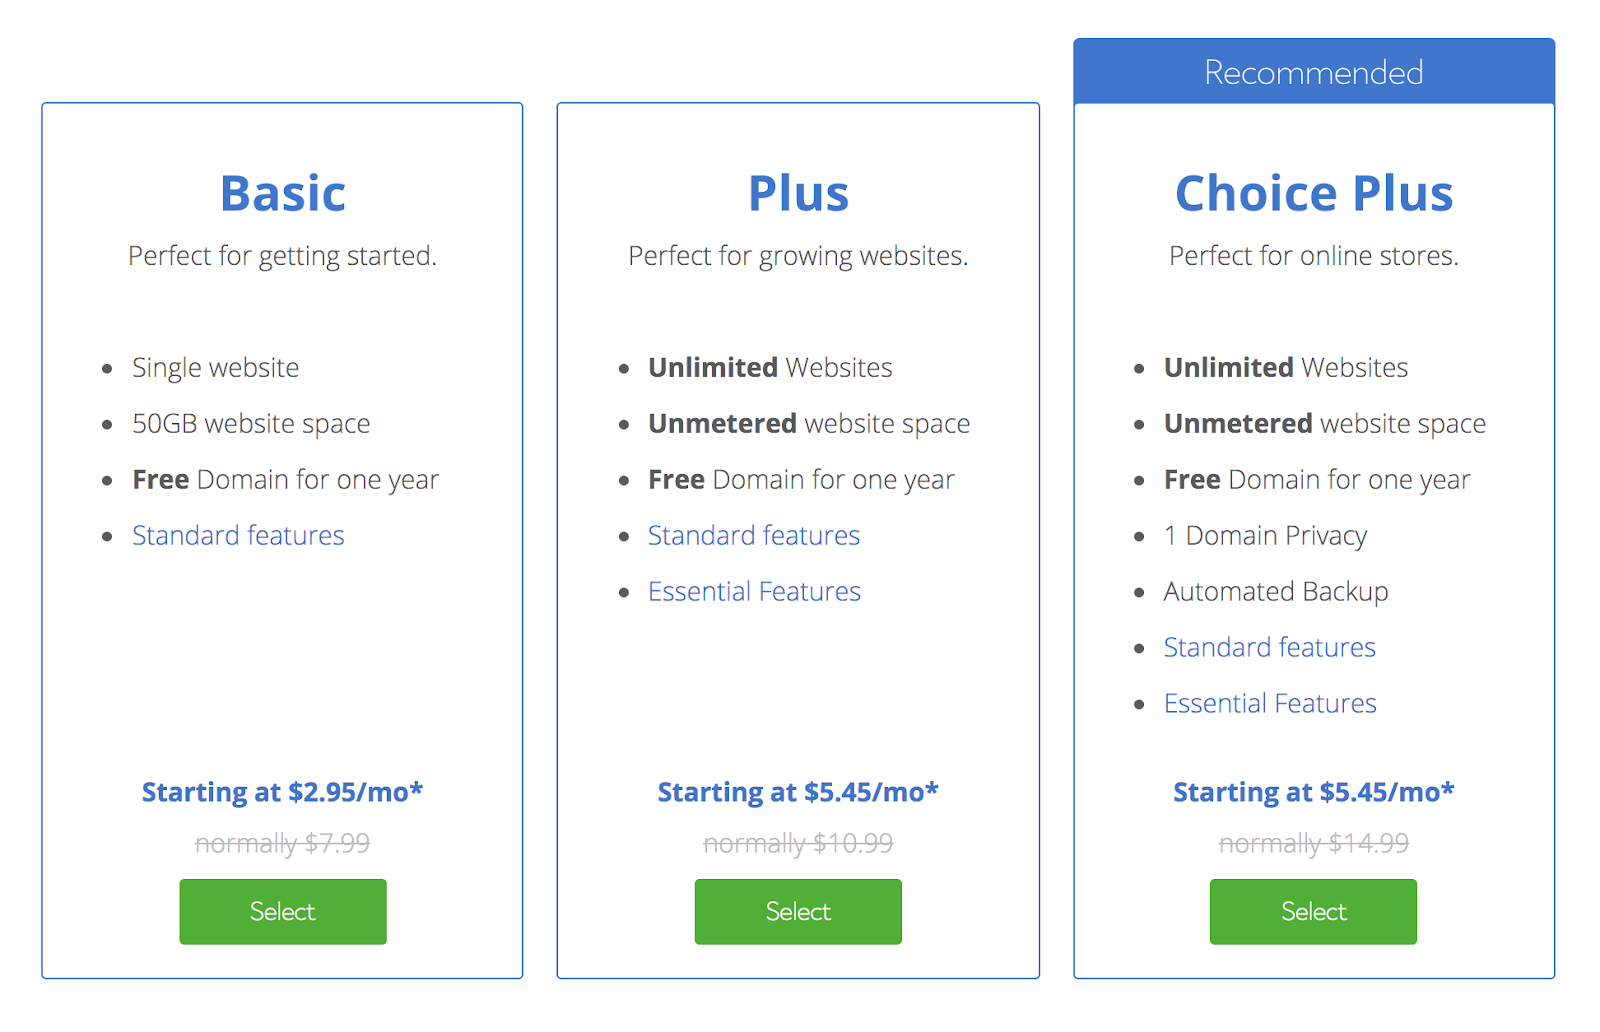 Spese di hosting Bluehost in Quanto costa iniziare un blog quest'anno